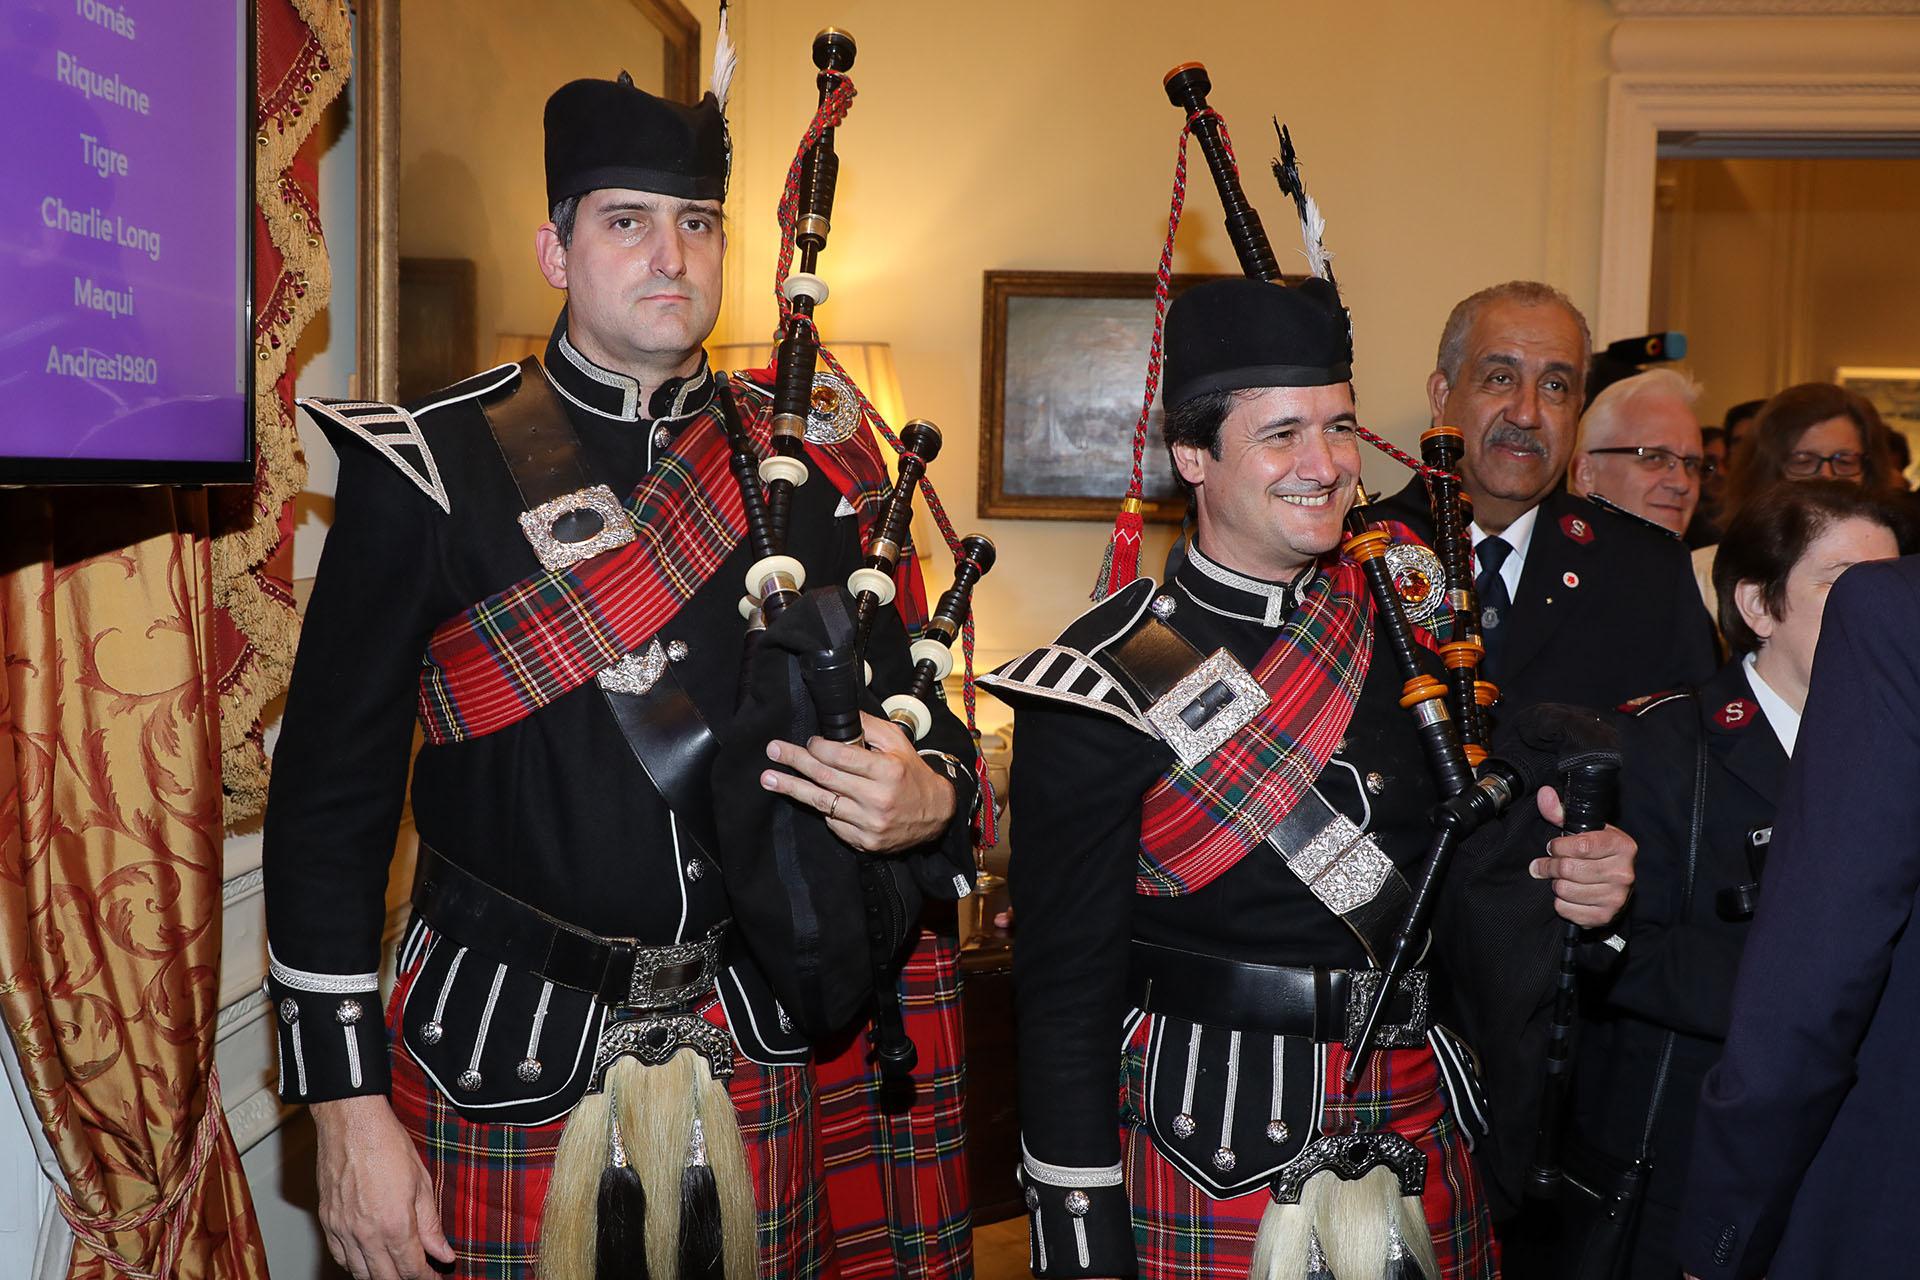 El tradicional festejo en la embajada británica